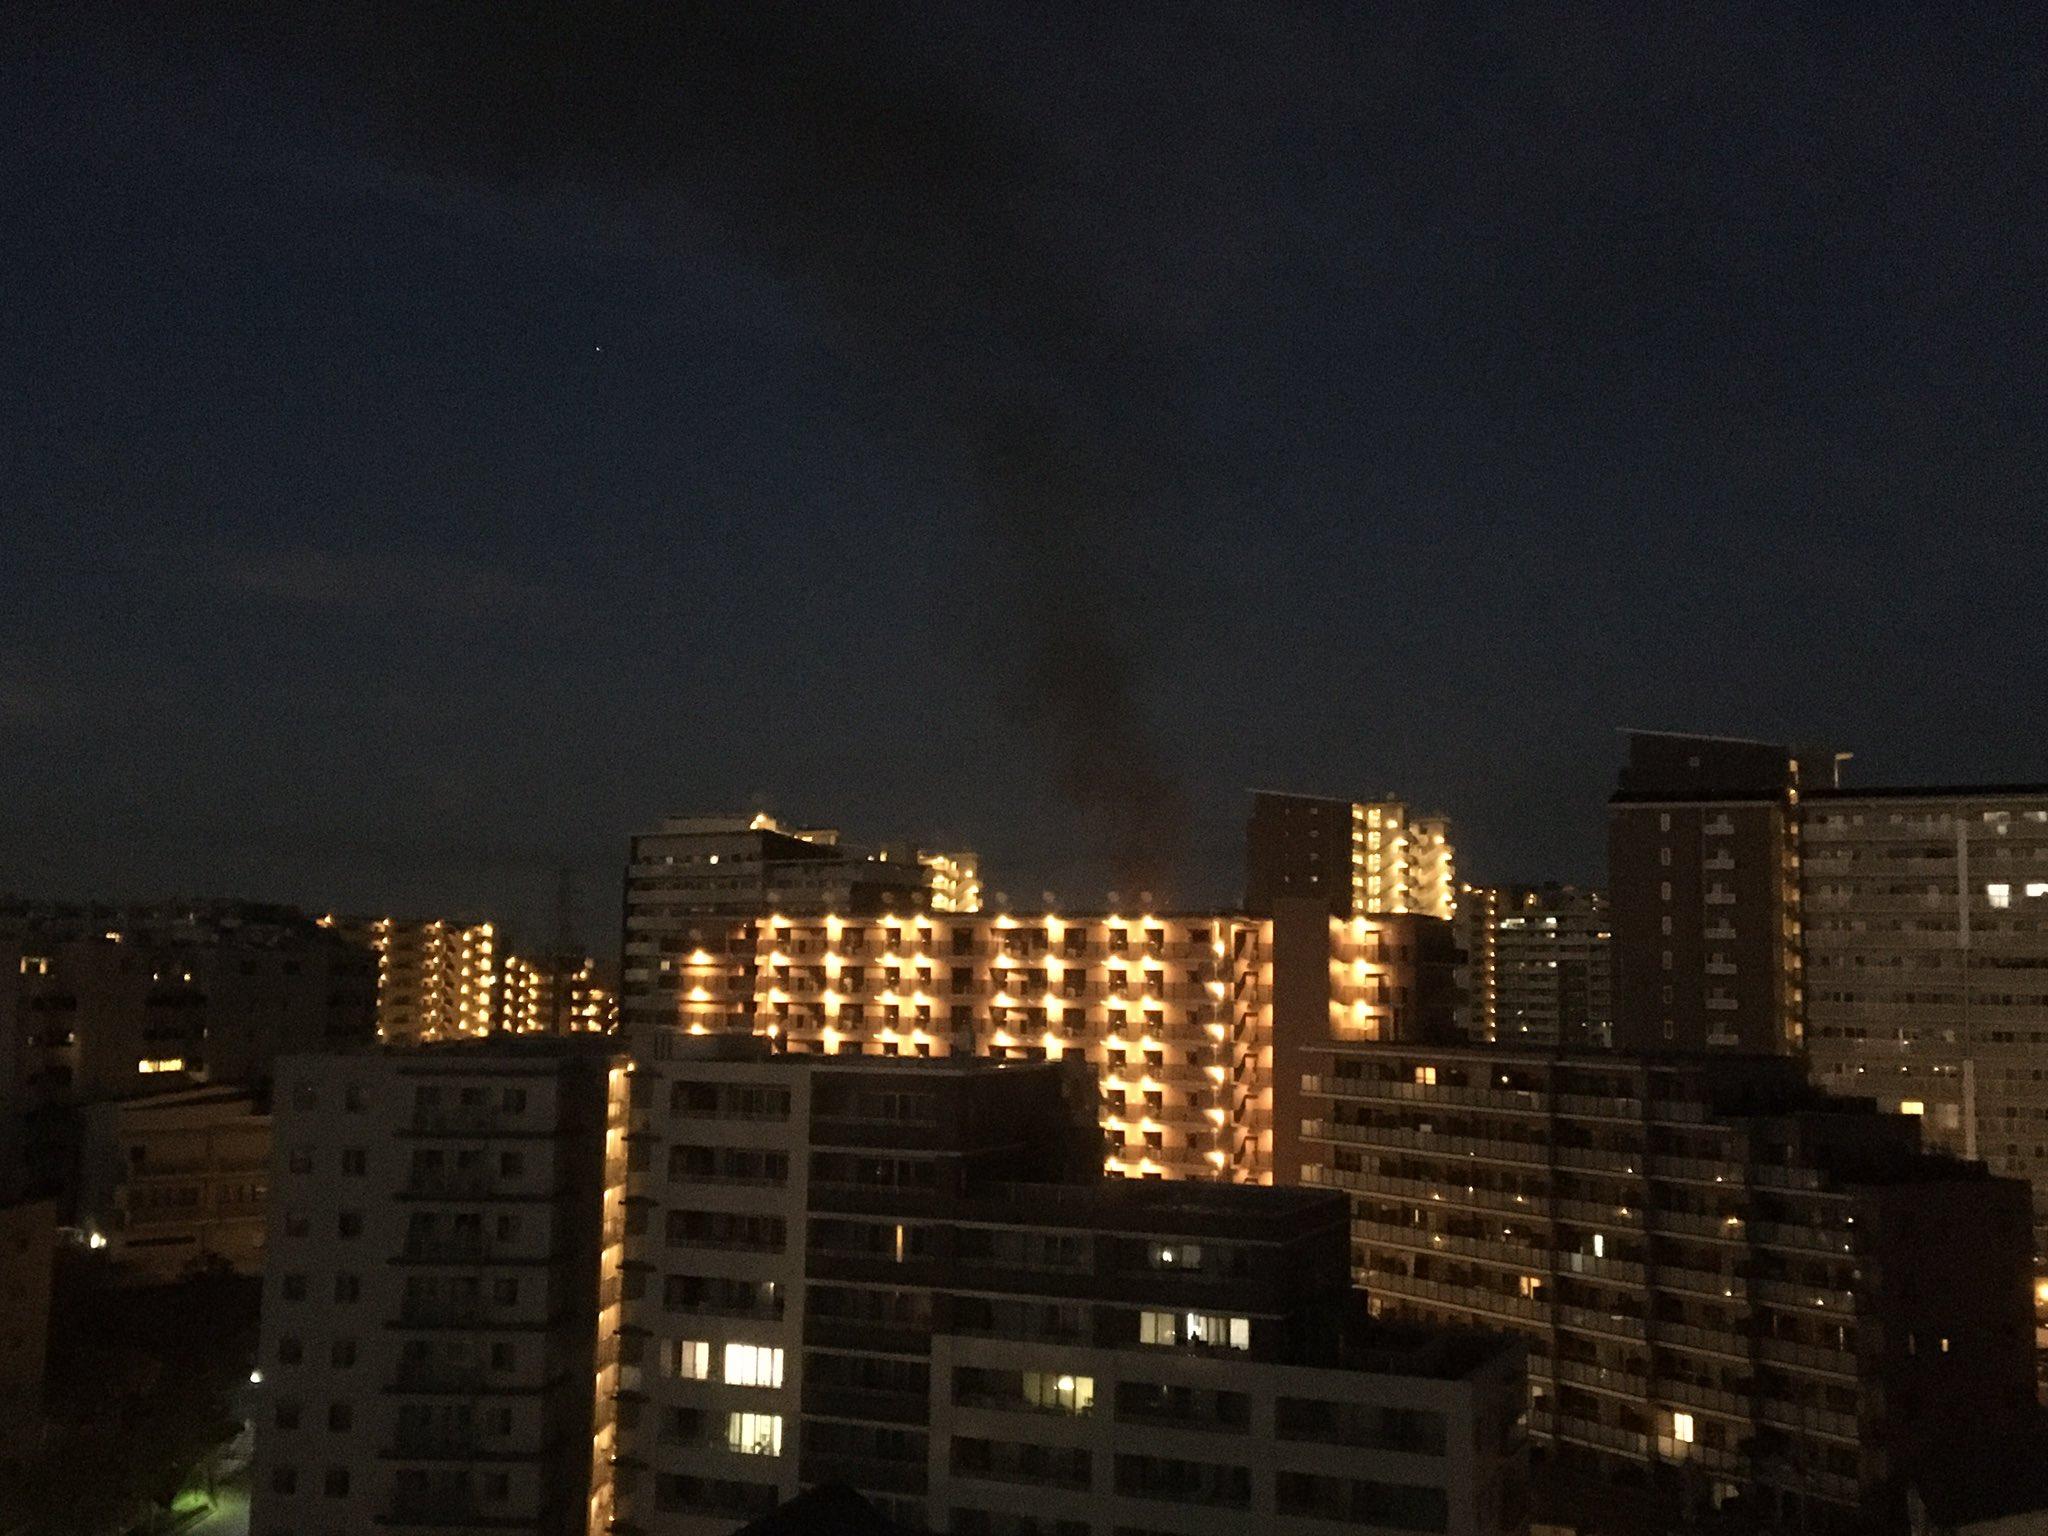 画像,桃山台の方が火事や! https://t.co/IzDnL6QMFC。